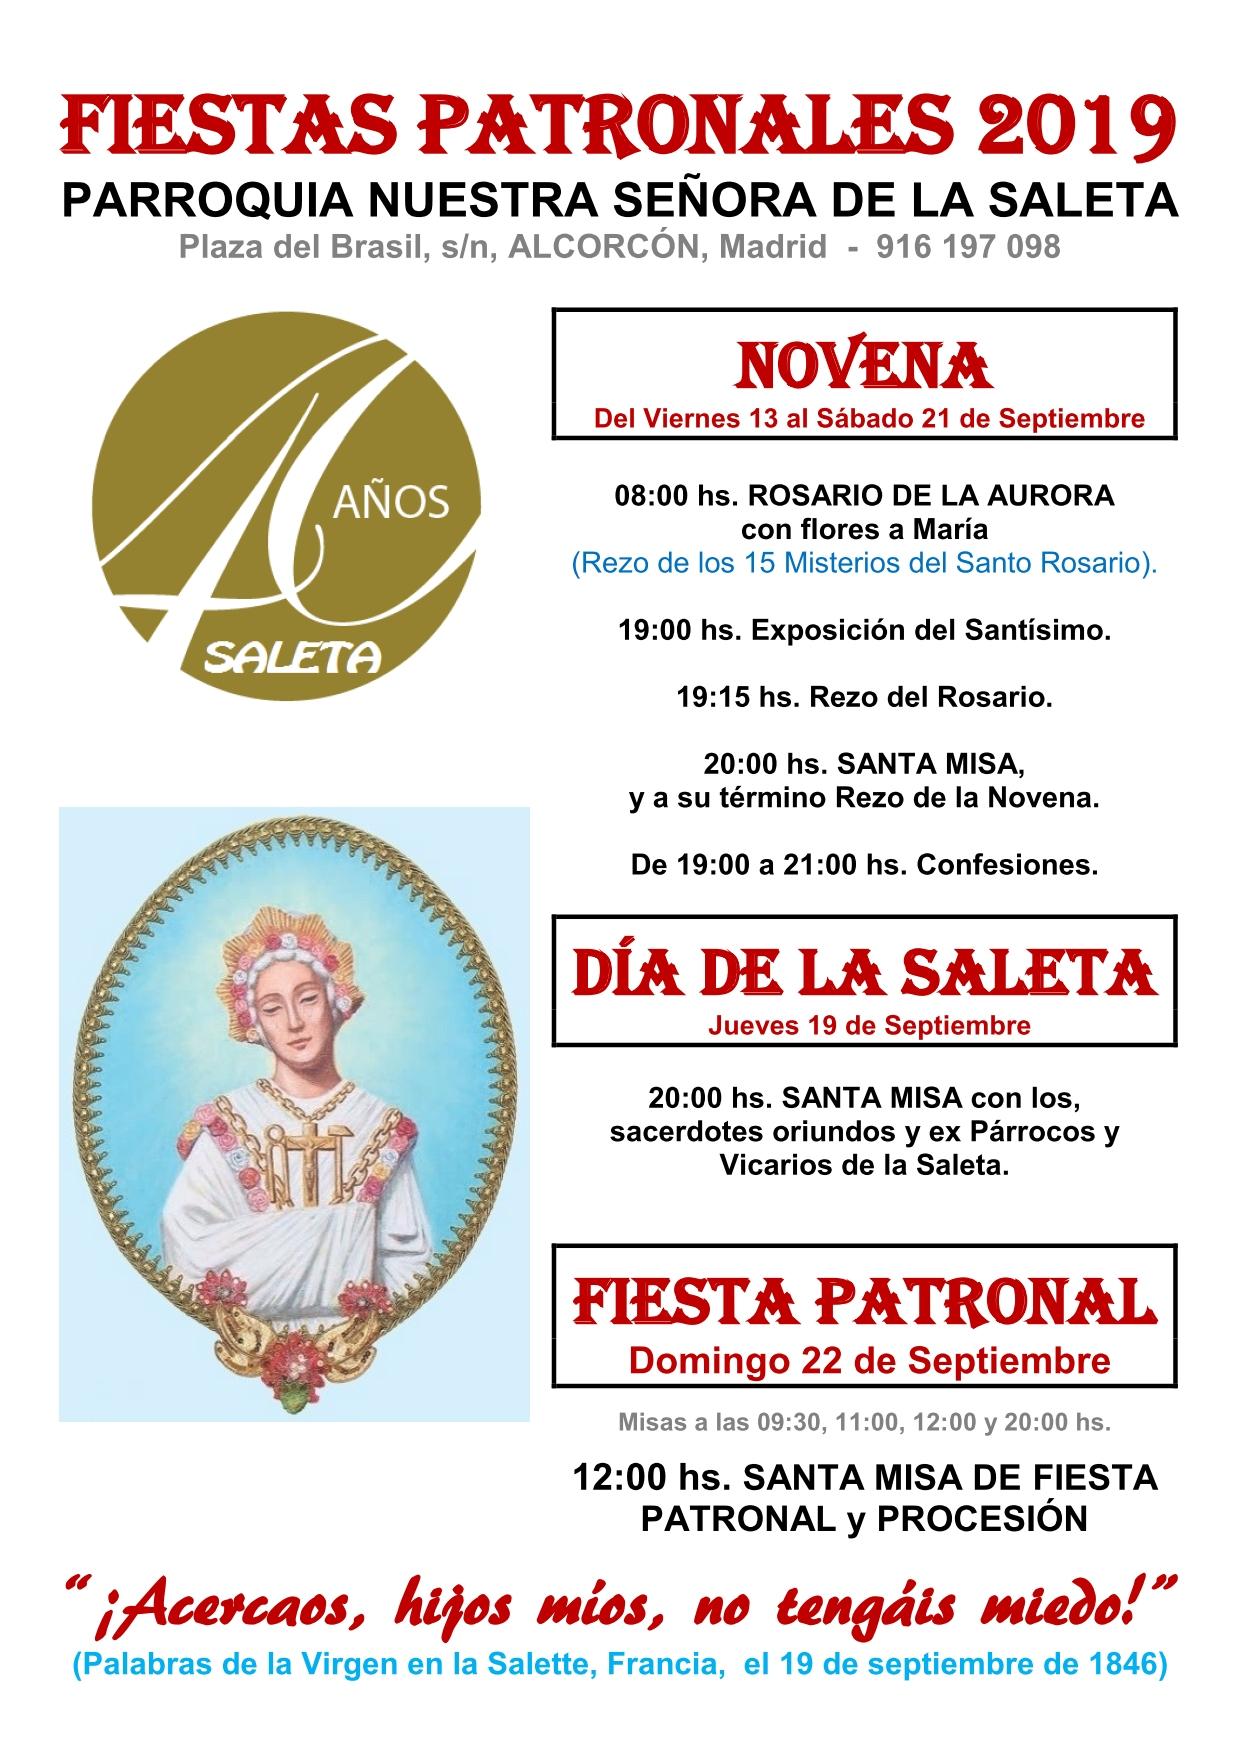 2019 - Fiestas Patronales